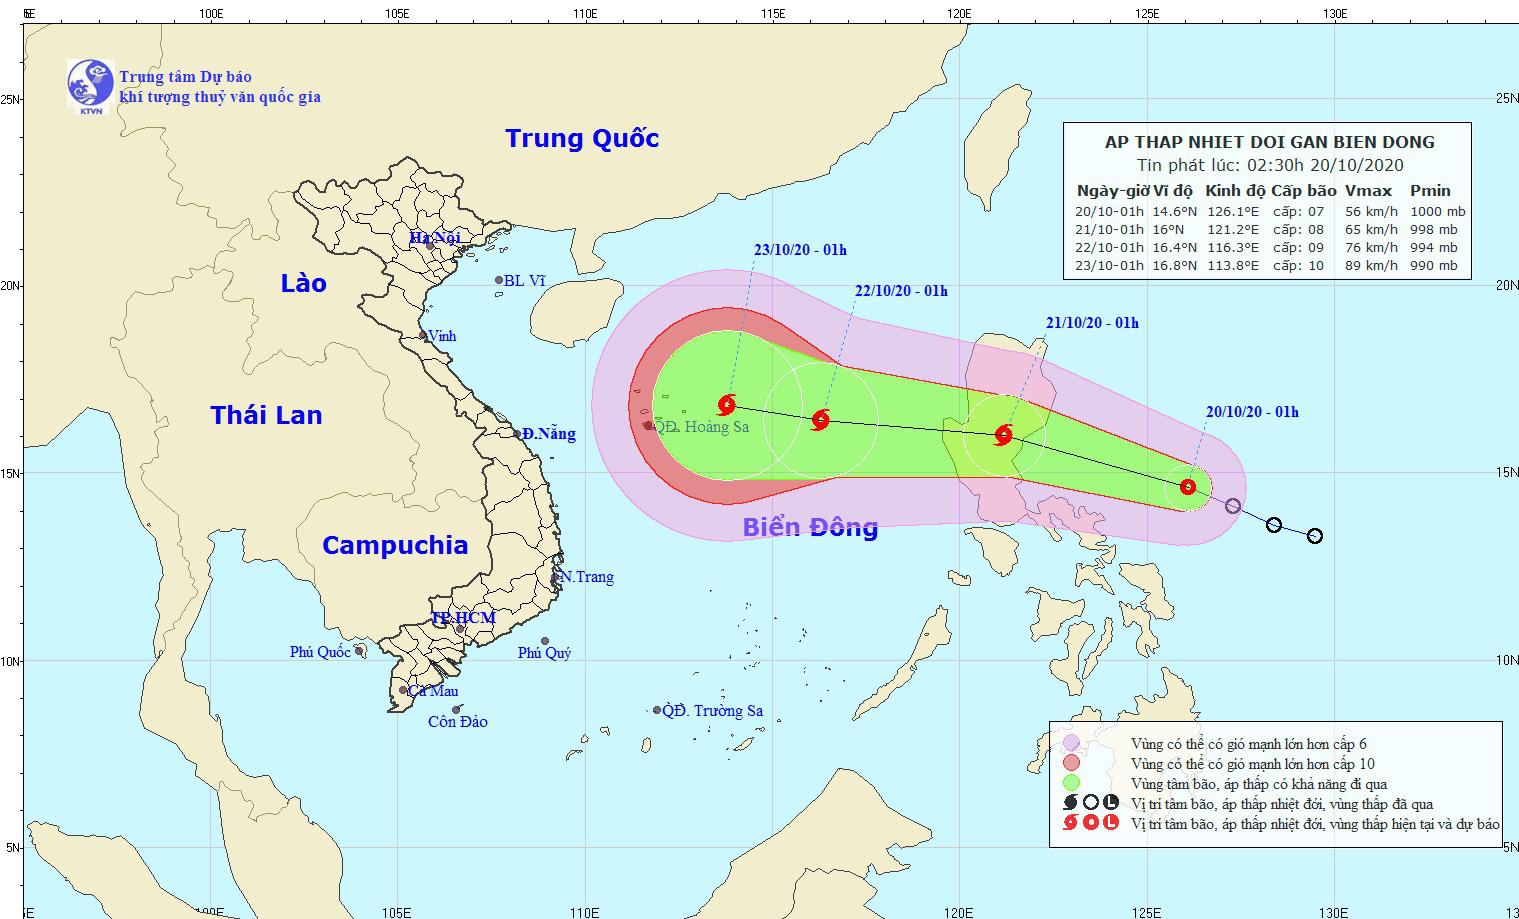 Lũ ở Quảng Bình, Hà Tĩnh cao chưa từng có, áp thấp nhiệt đới có thể mạnh thêm, miền Trung mưa chưa dứt - Ảnh 1.